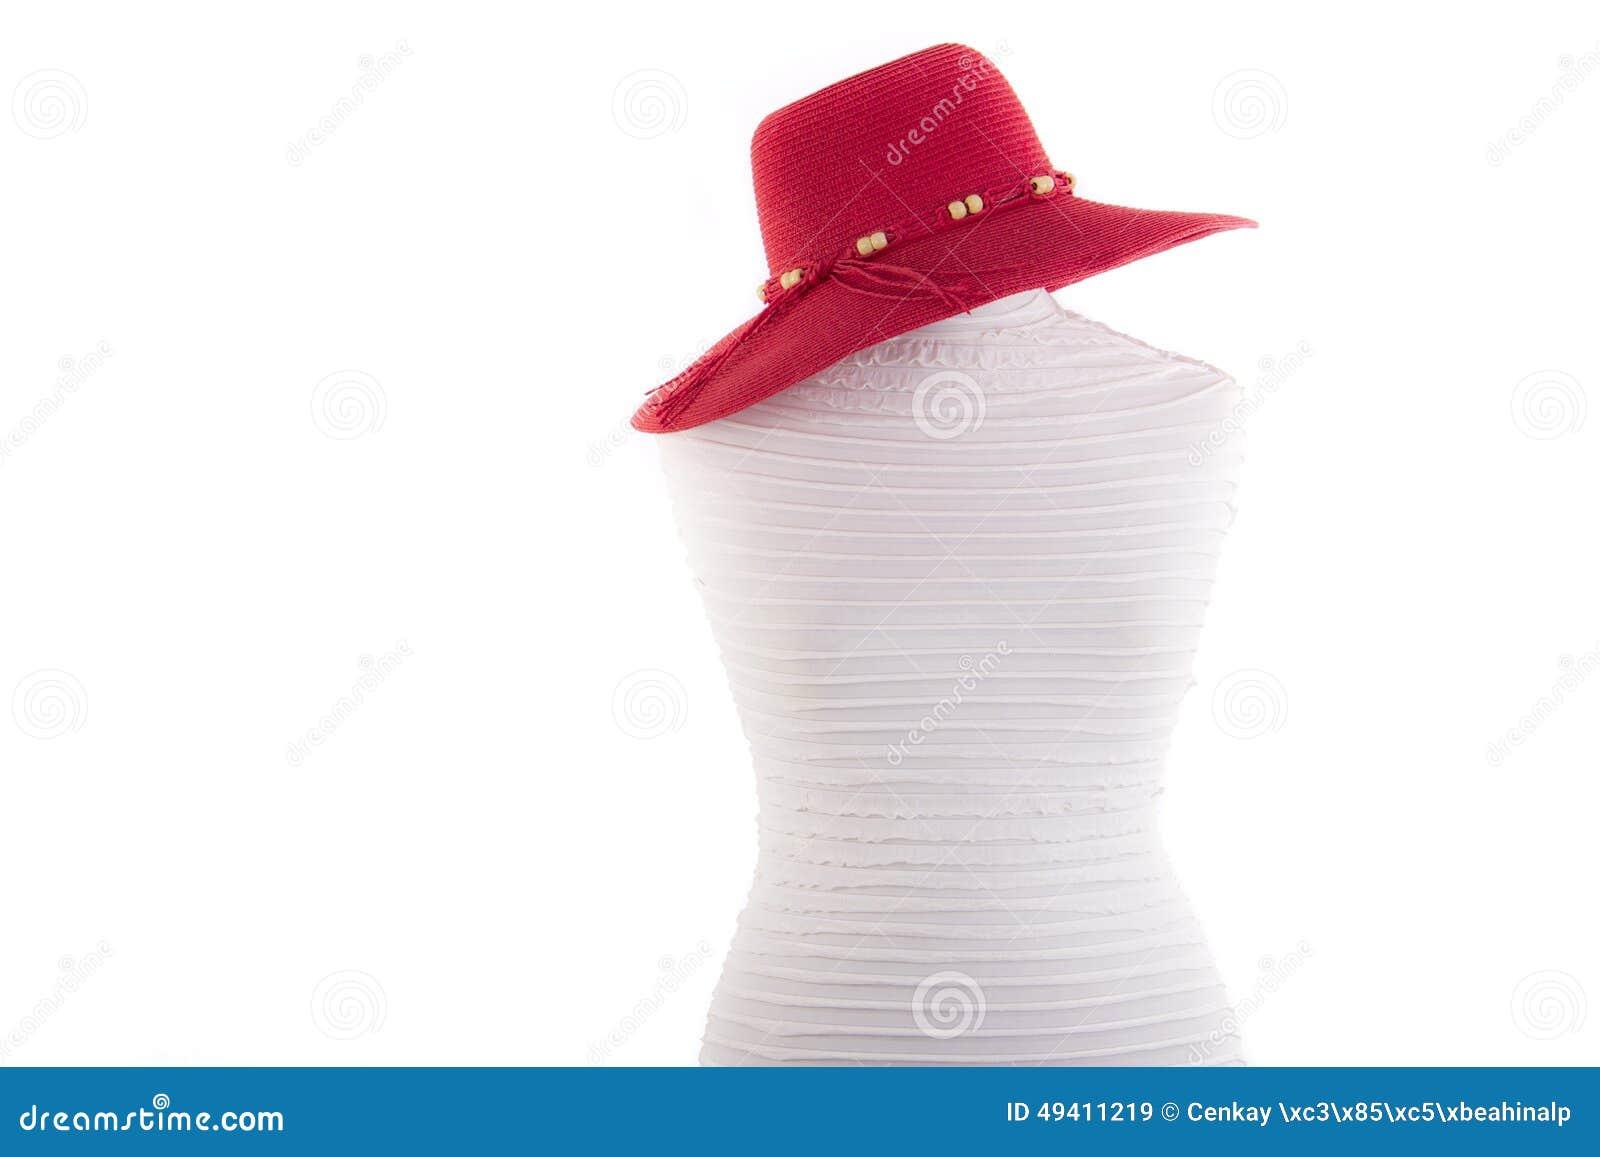 Download Sommerhut auf Mannequin stockbild. Bild von schönheit - 49411219